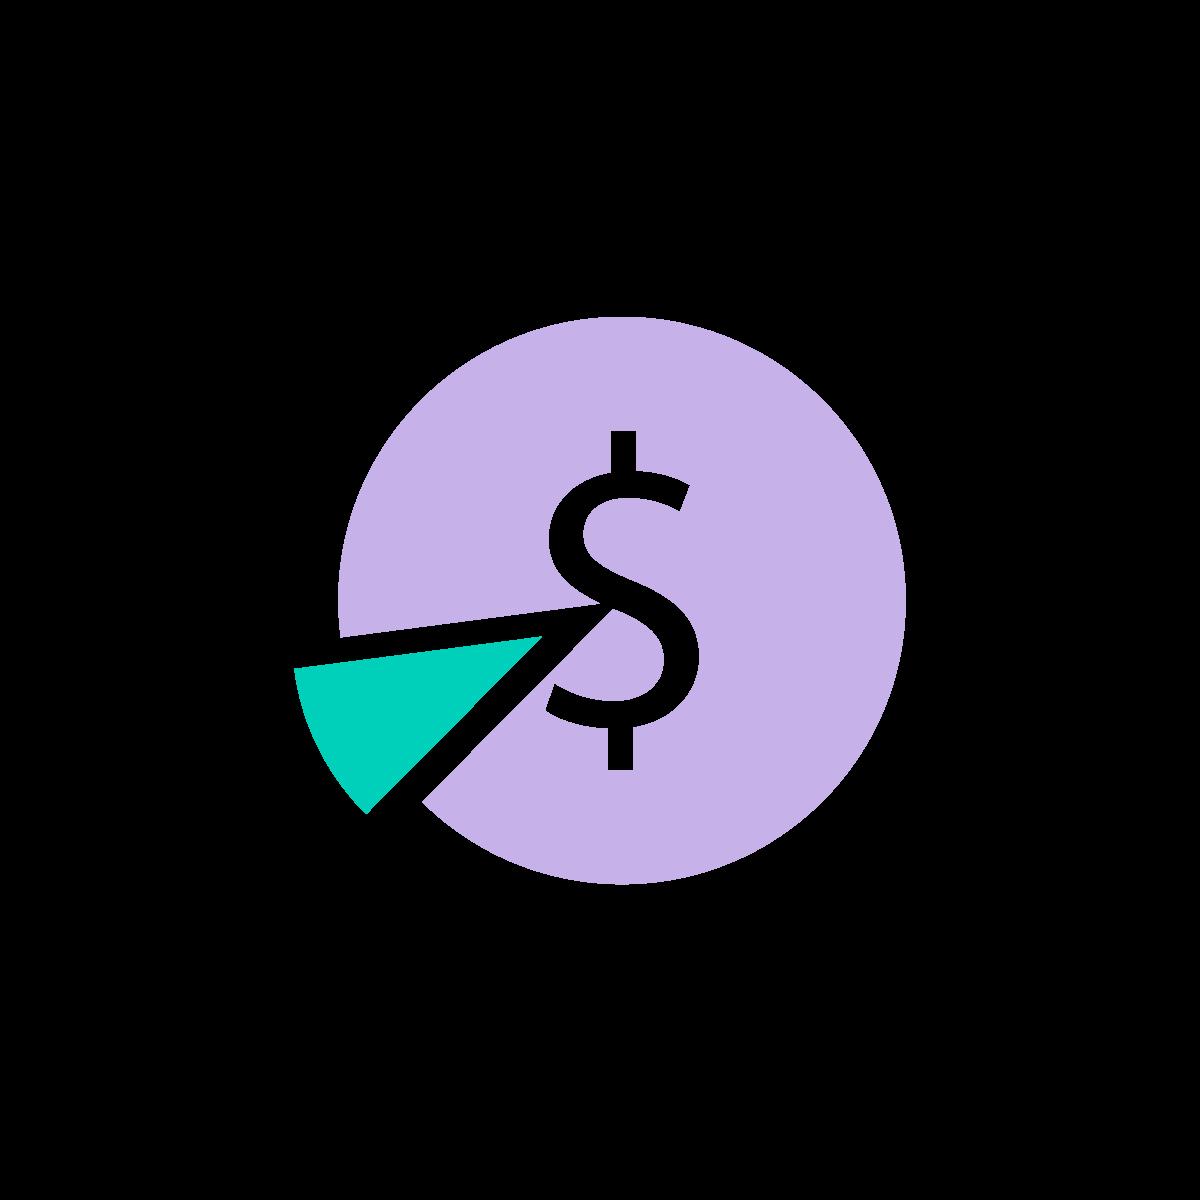 Fee split icon